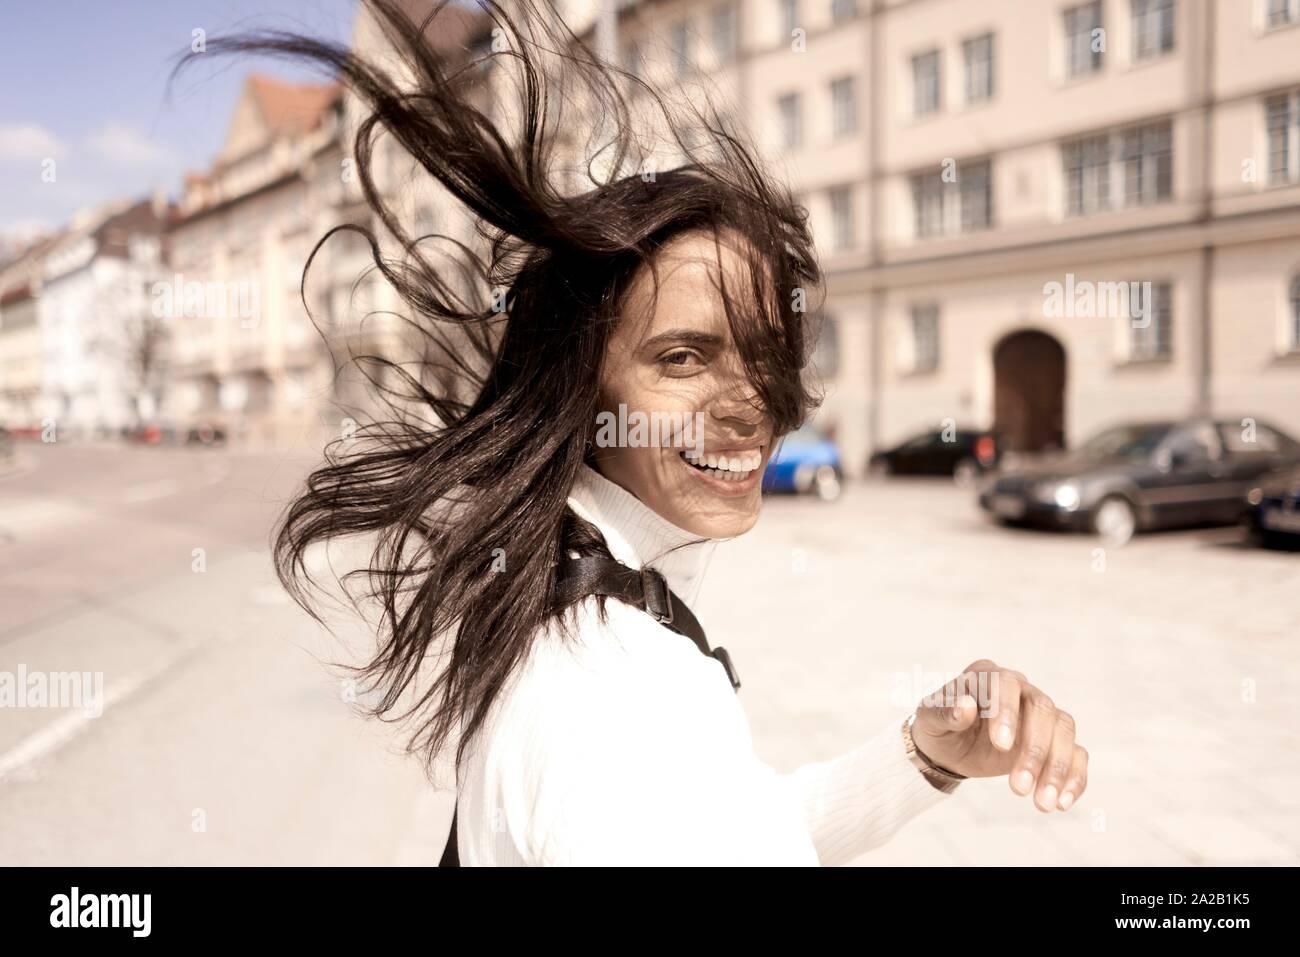 Sorglos Frau mit Haare im Wind in der Stadt. München, Deutschland Stockfoto